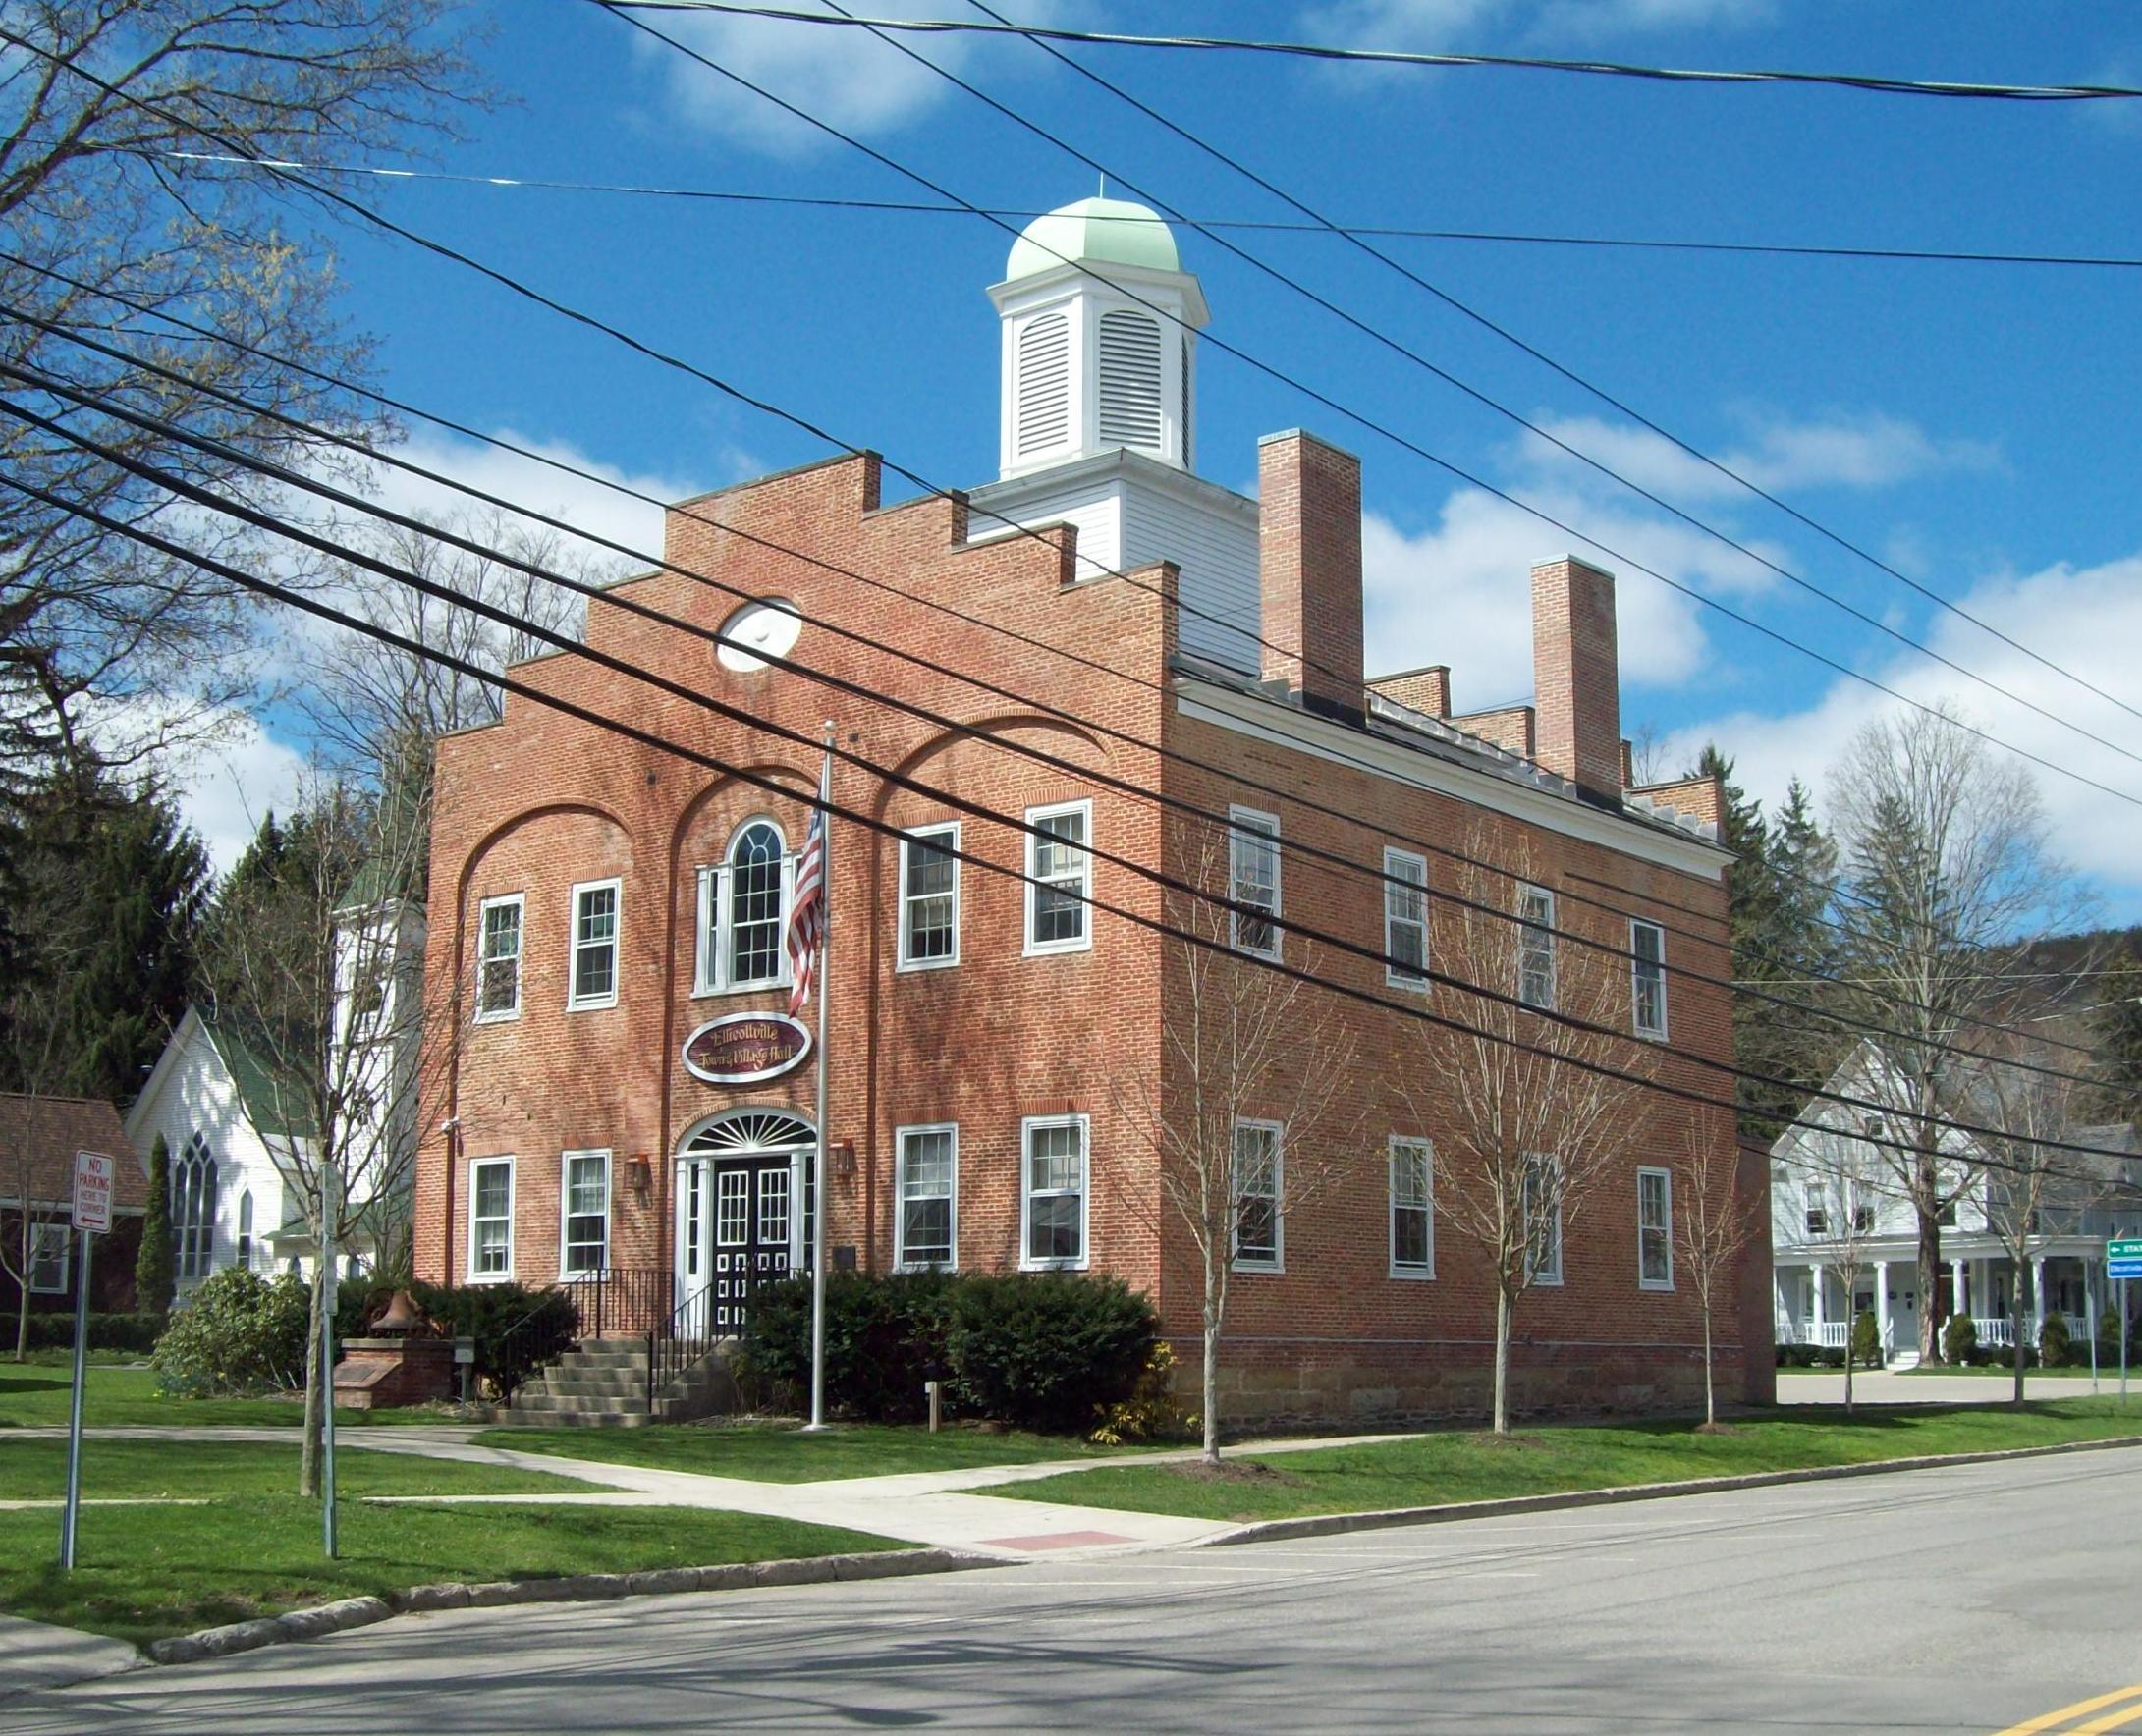 File:Ellicottville Town Hall Jun 09.JPG - Wikimedia Commonsellicottville town